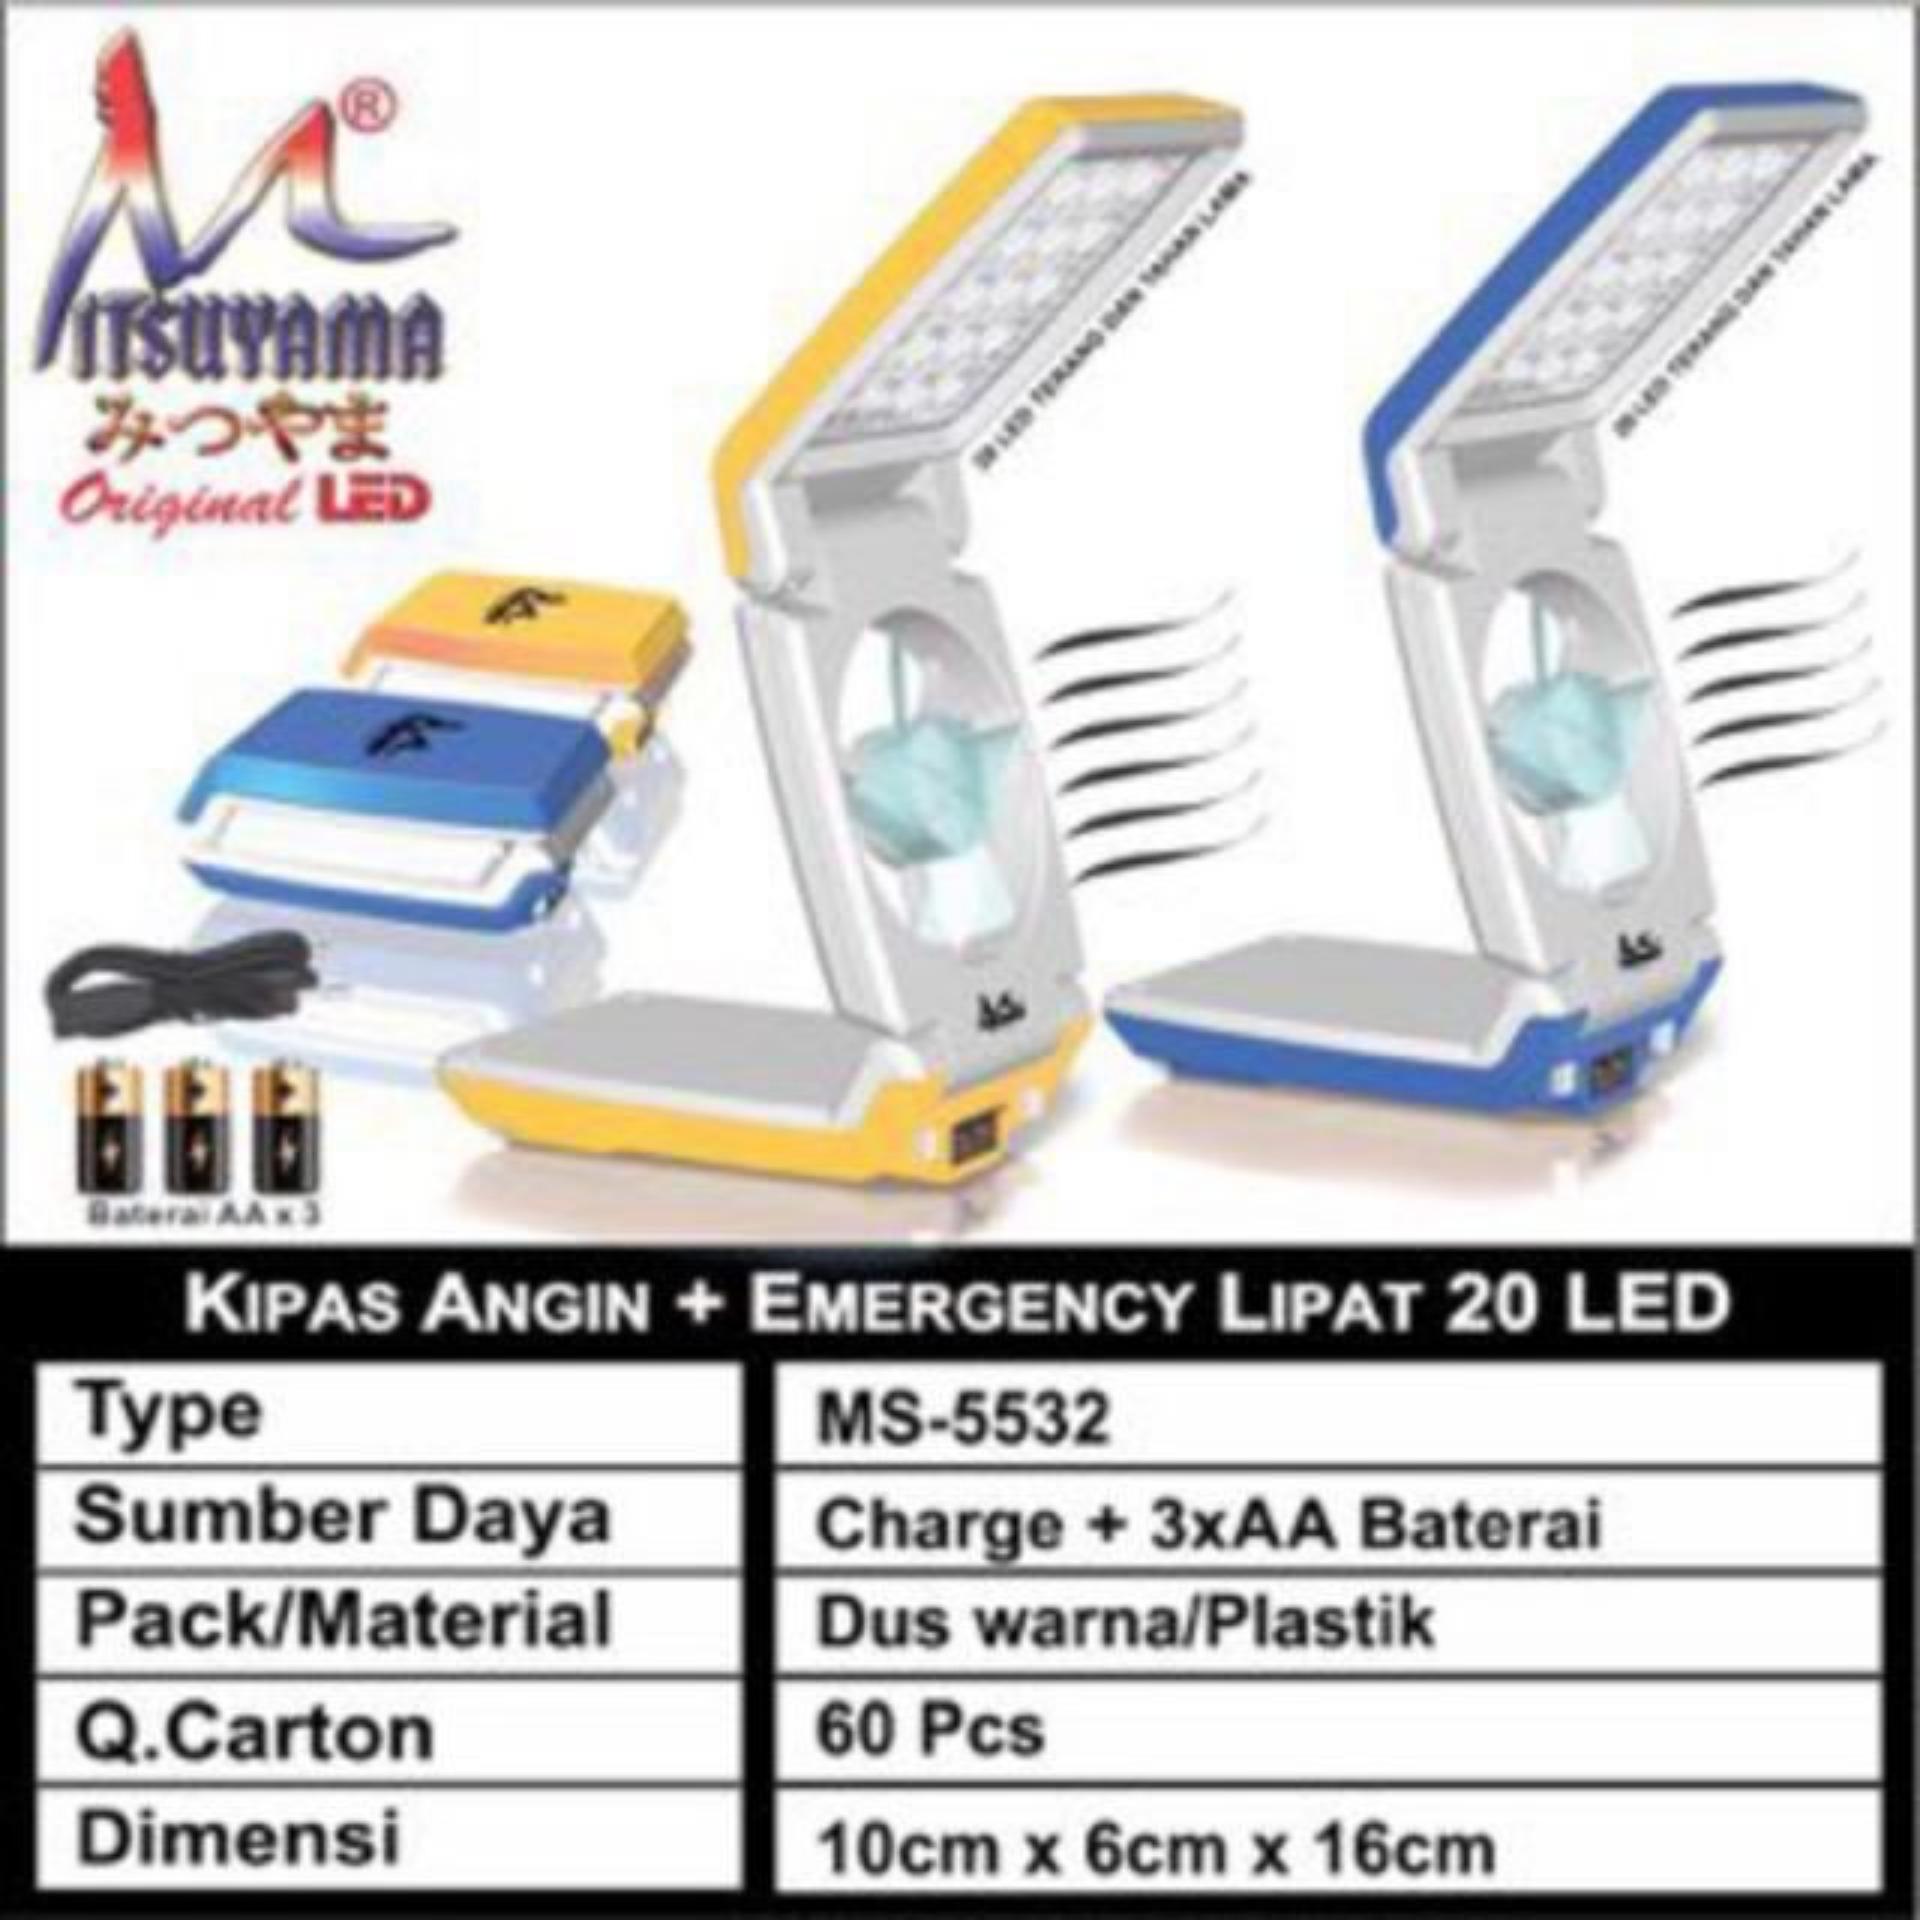 KIPAS ANGIN + LAMPU EMERGENCY 20 LED LIPAT MITSUYAMA MS-5532 .